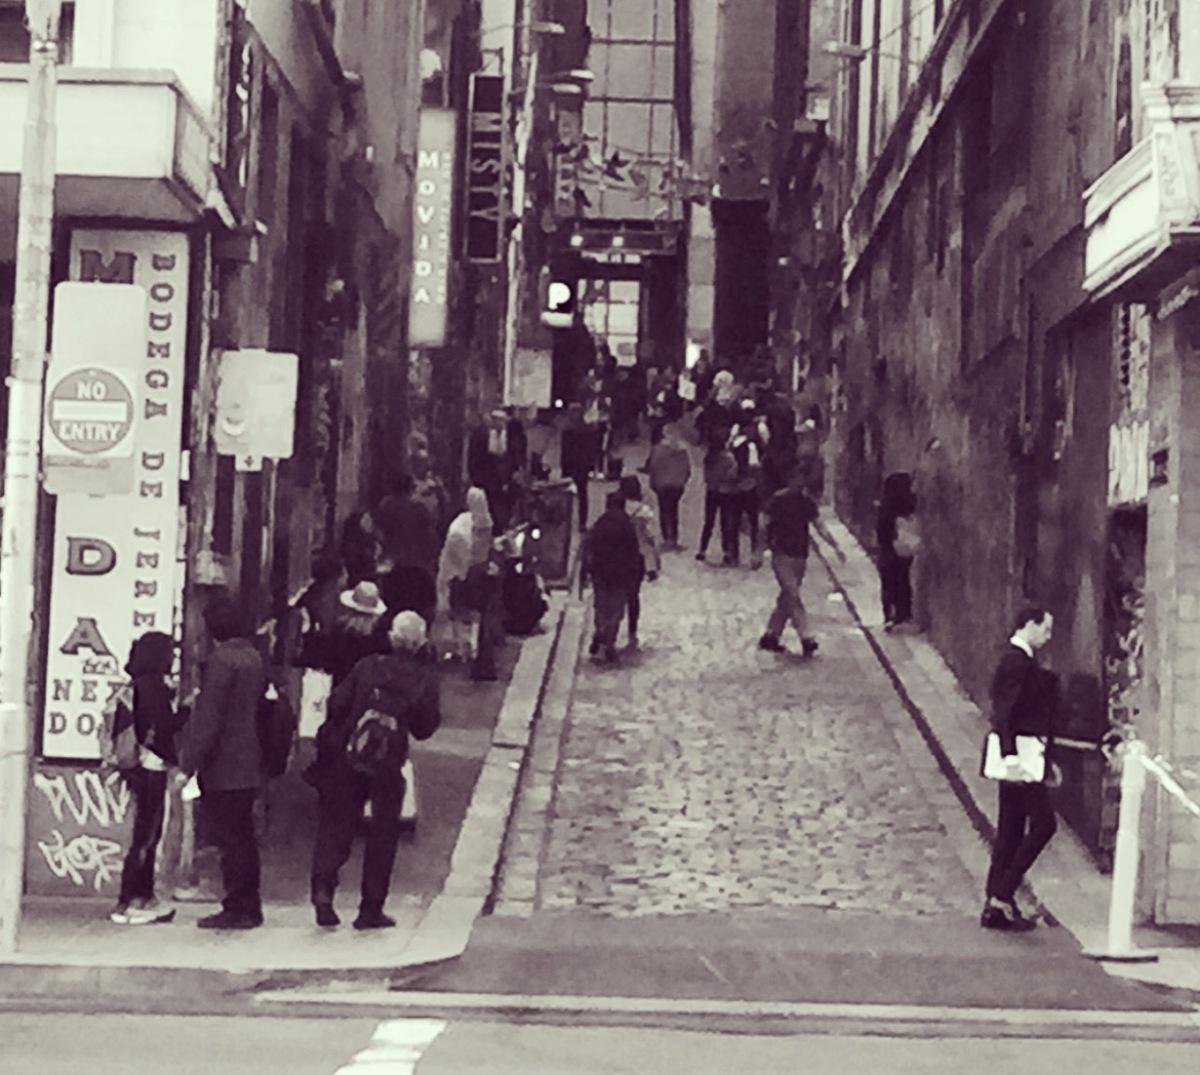 Melbourne Press